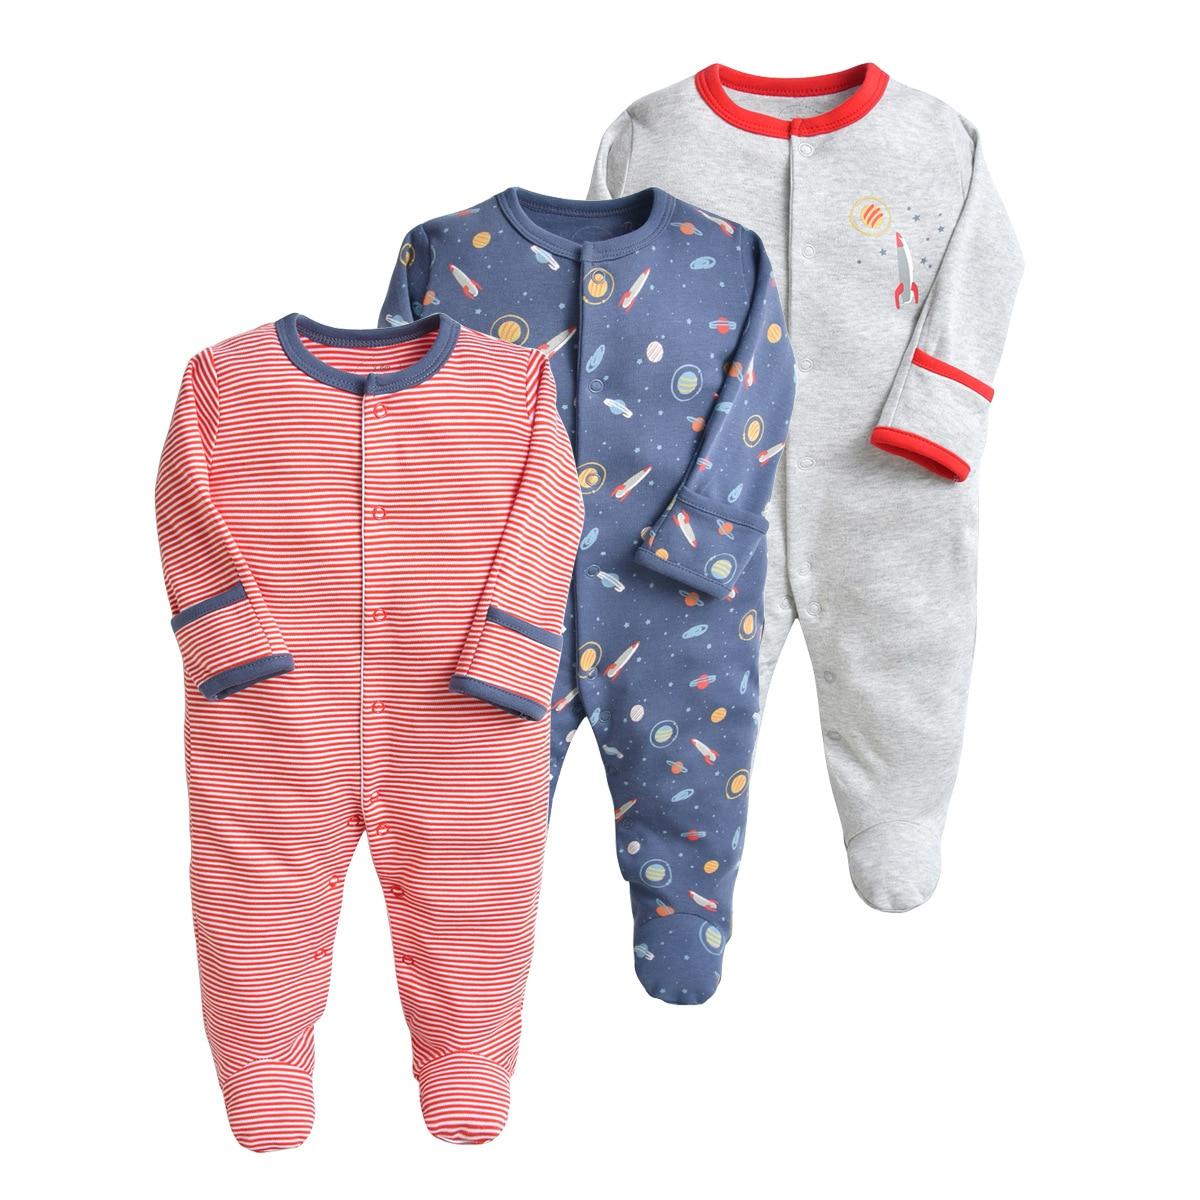 Novo nascido roupas de bebê 2019 moda roupas de bebê menino meninos roupas roupas de cor sólida listras três peças terno do bebê macacão